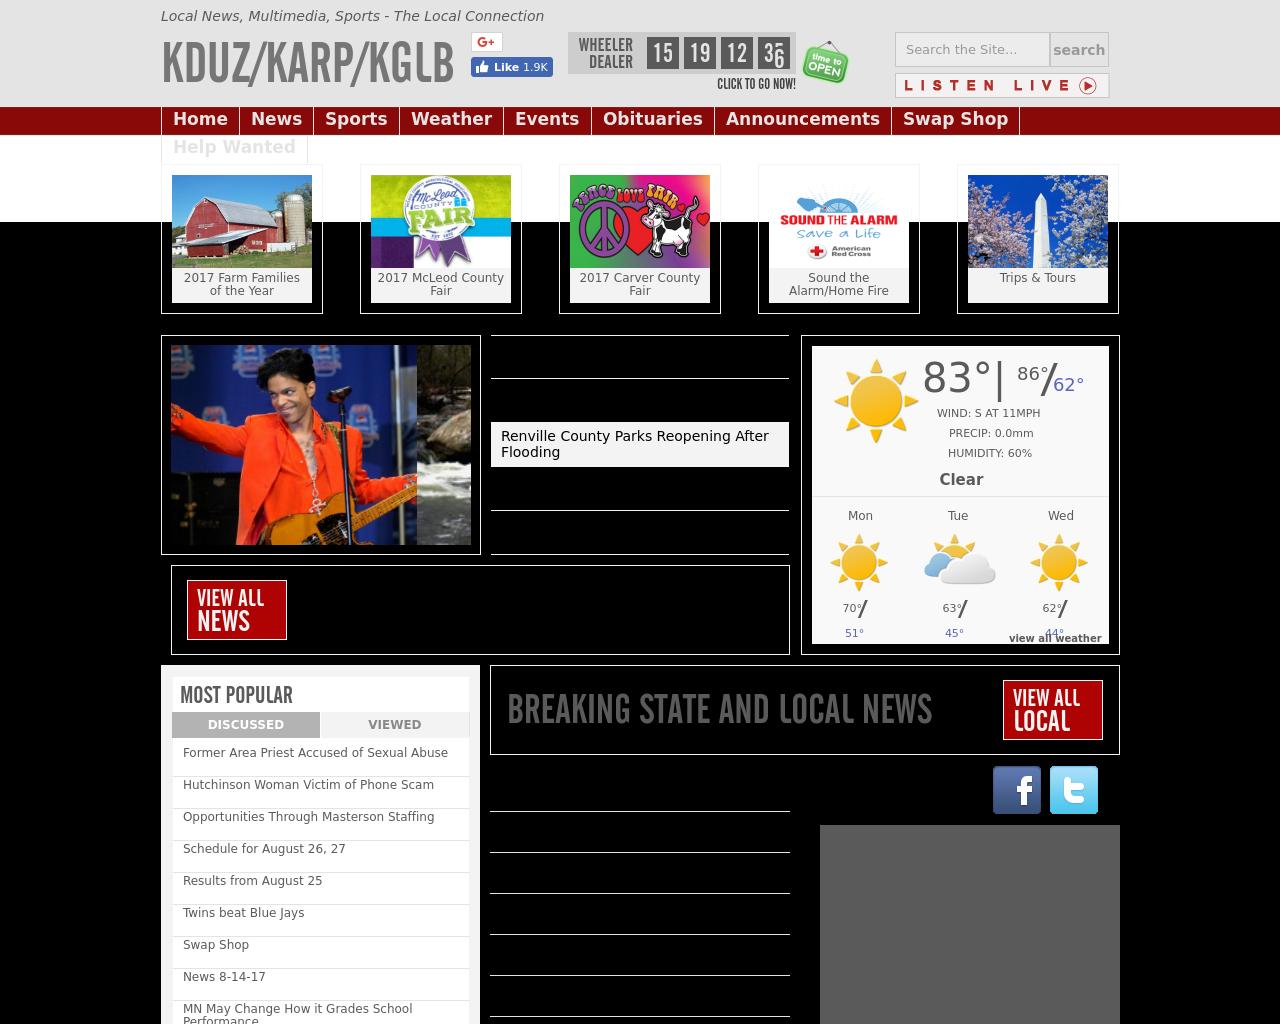 KDUZ/KARP/KGLB-Advertising-Reviews-Pricing